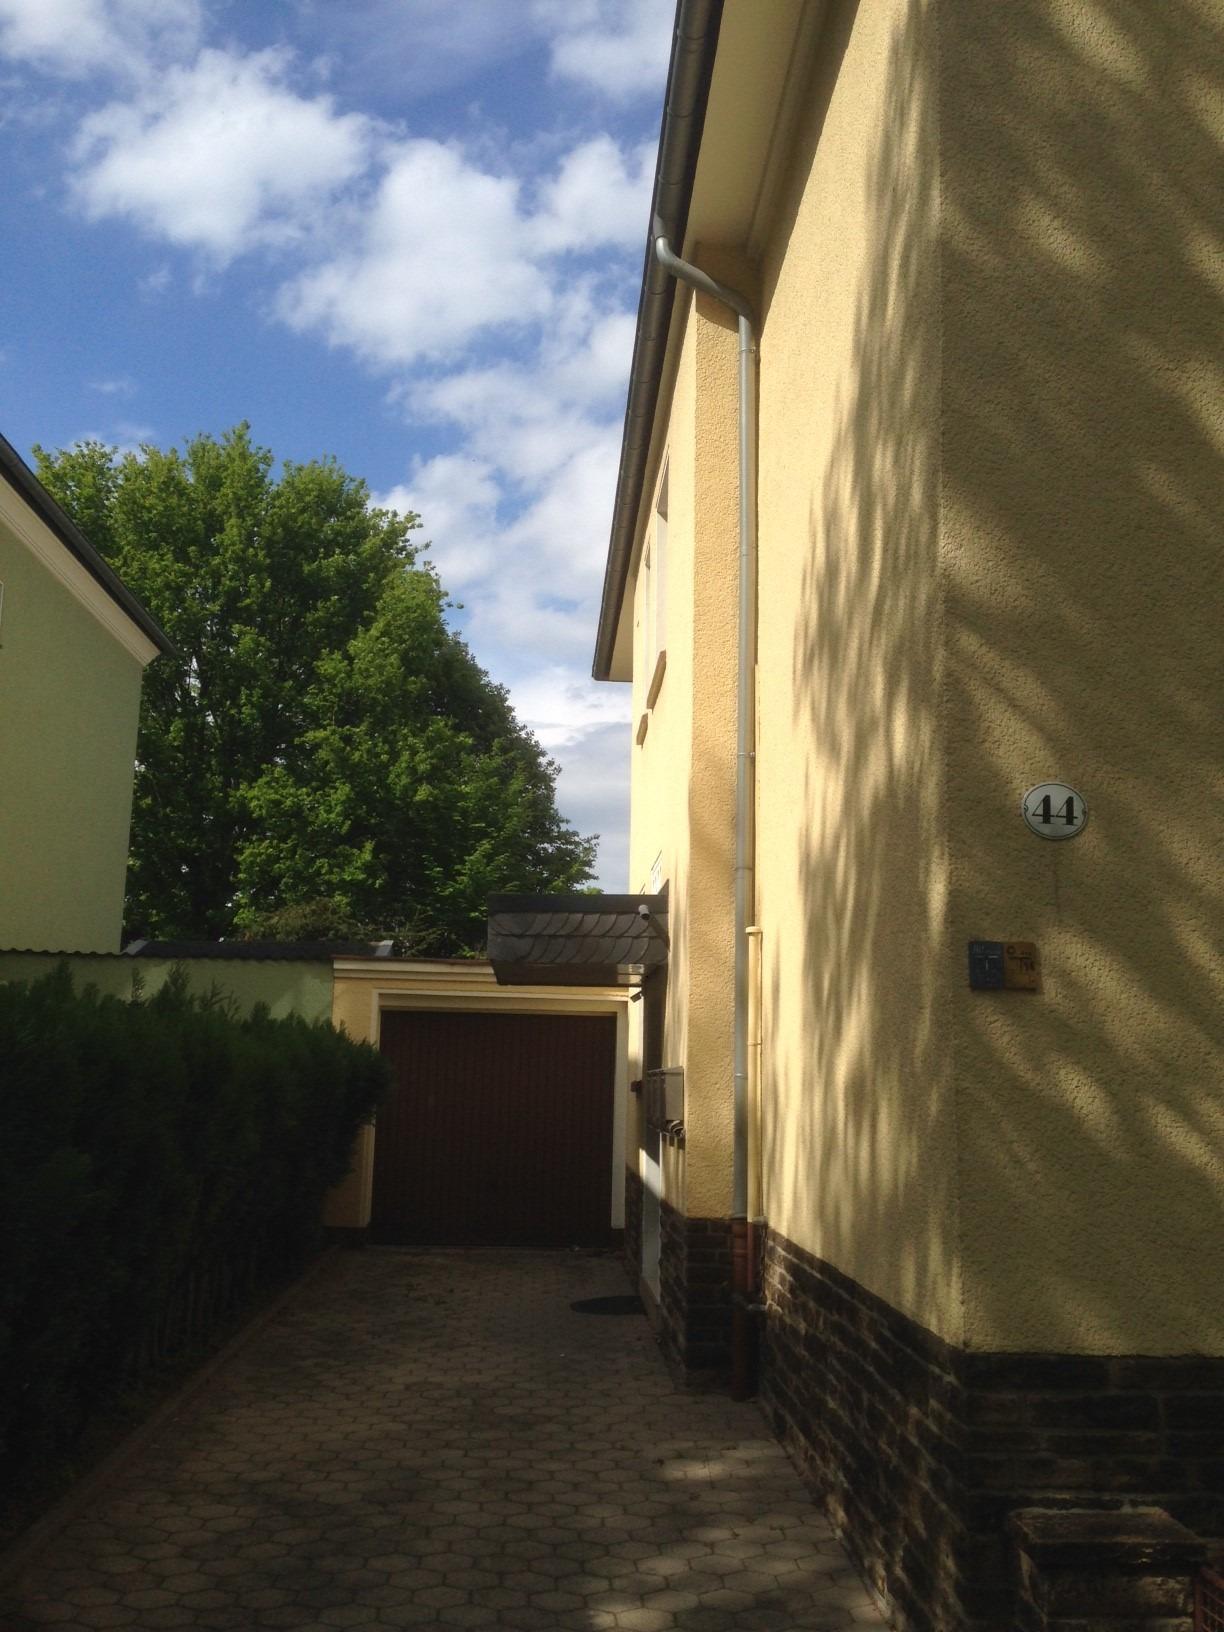 Einfahrt und Hauseingang, Mehrfamilienhaus in Dortmund